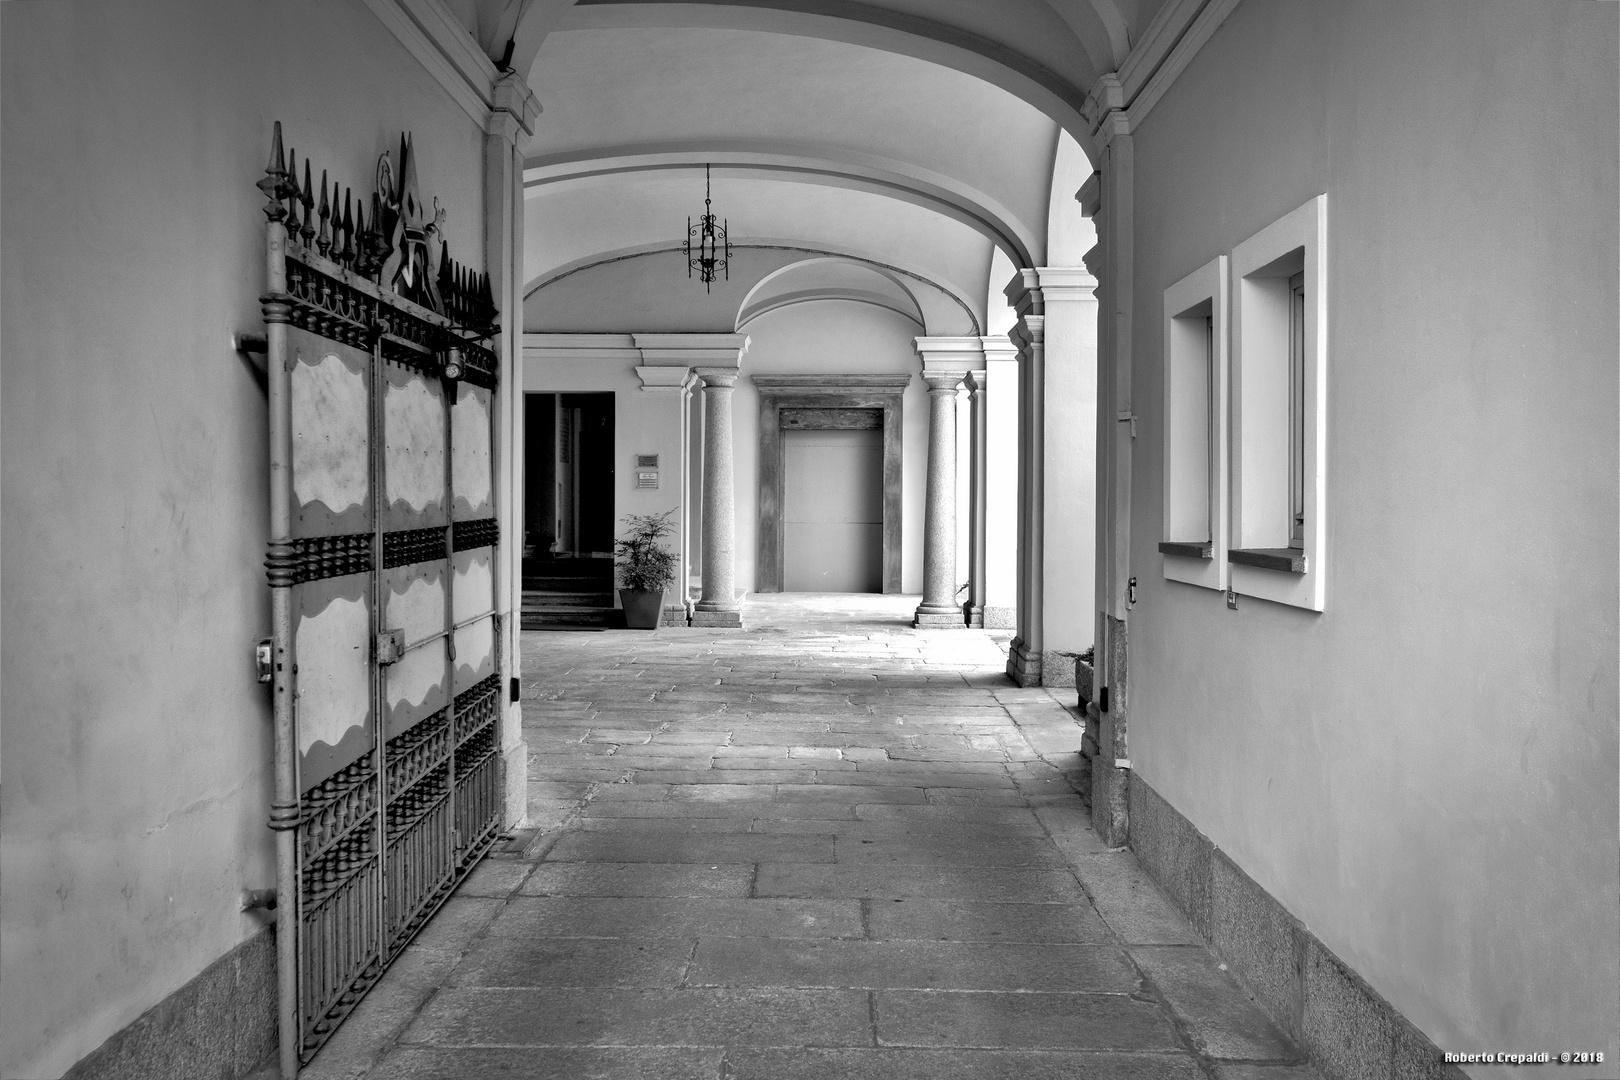 Ingresso della Curia Vescovile di Vigevano